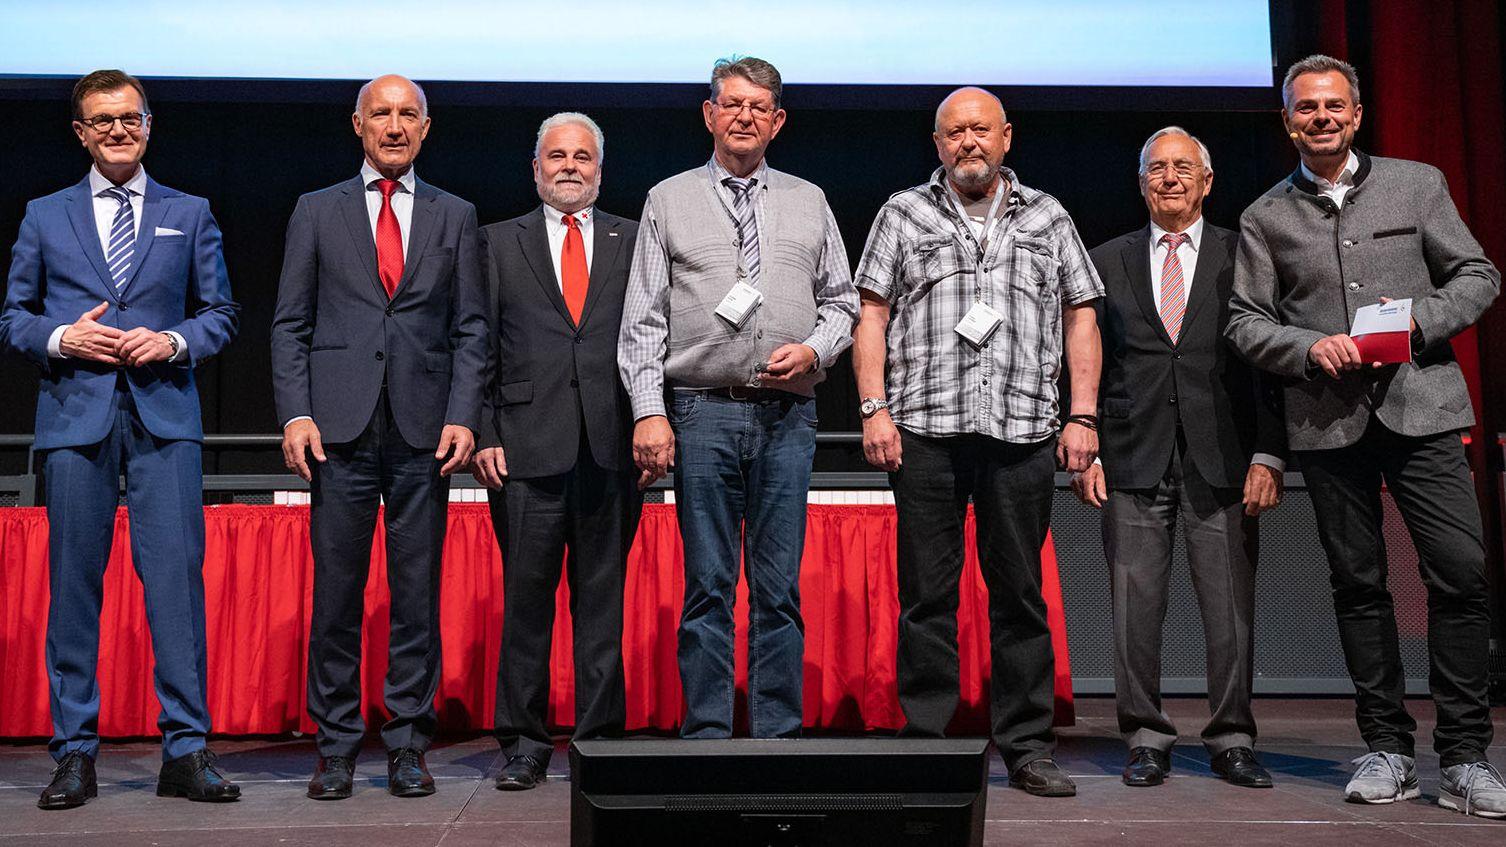 Eine großartige Lebensleistung der Spender: Errol Hümmer (3.v.l.) und Johann Dorn (Mitte) stehen mit Ihren Gratulanten auf der Bühne. Im Hintergrund ist die Zahl 200 groß zu sehen.